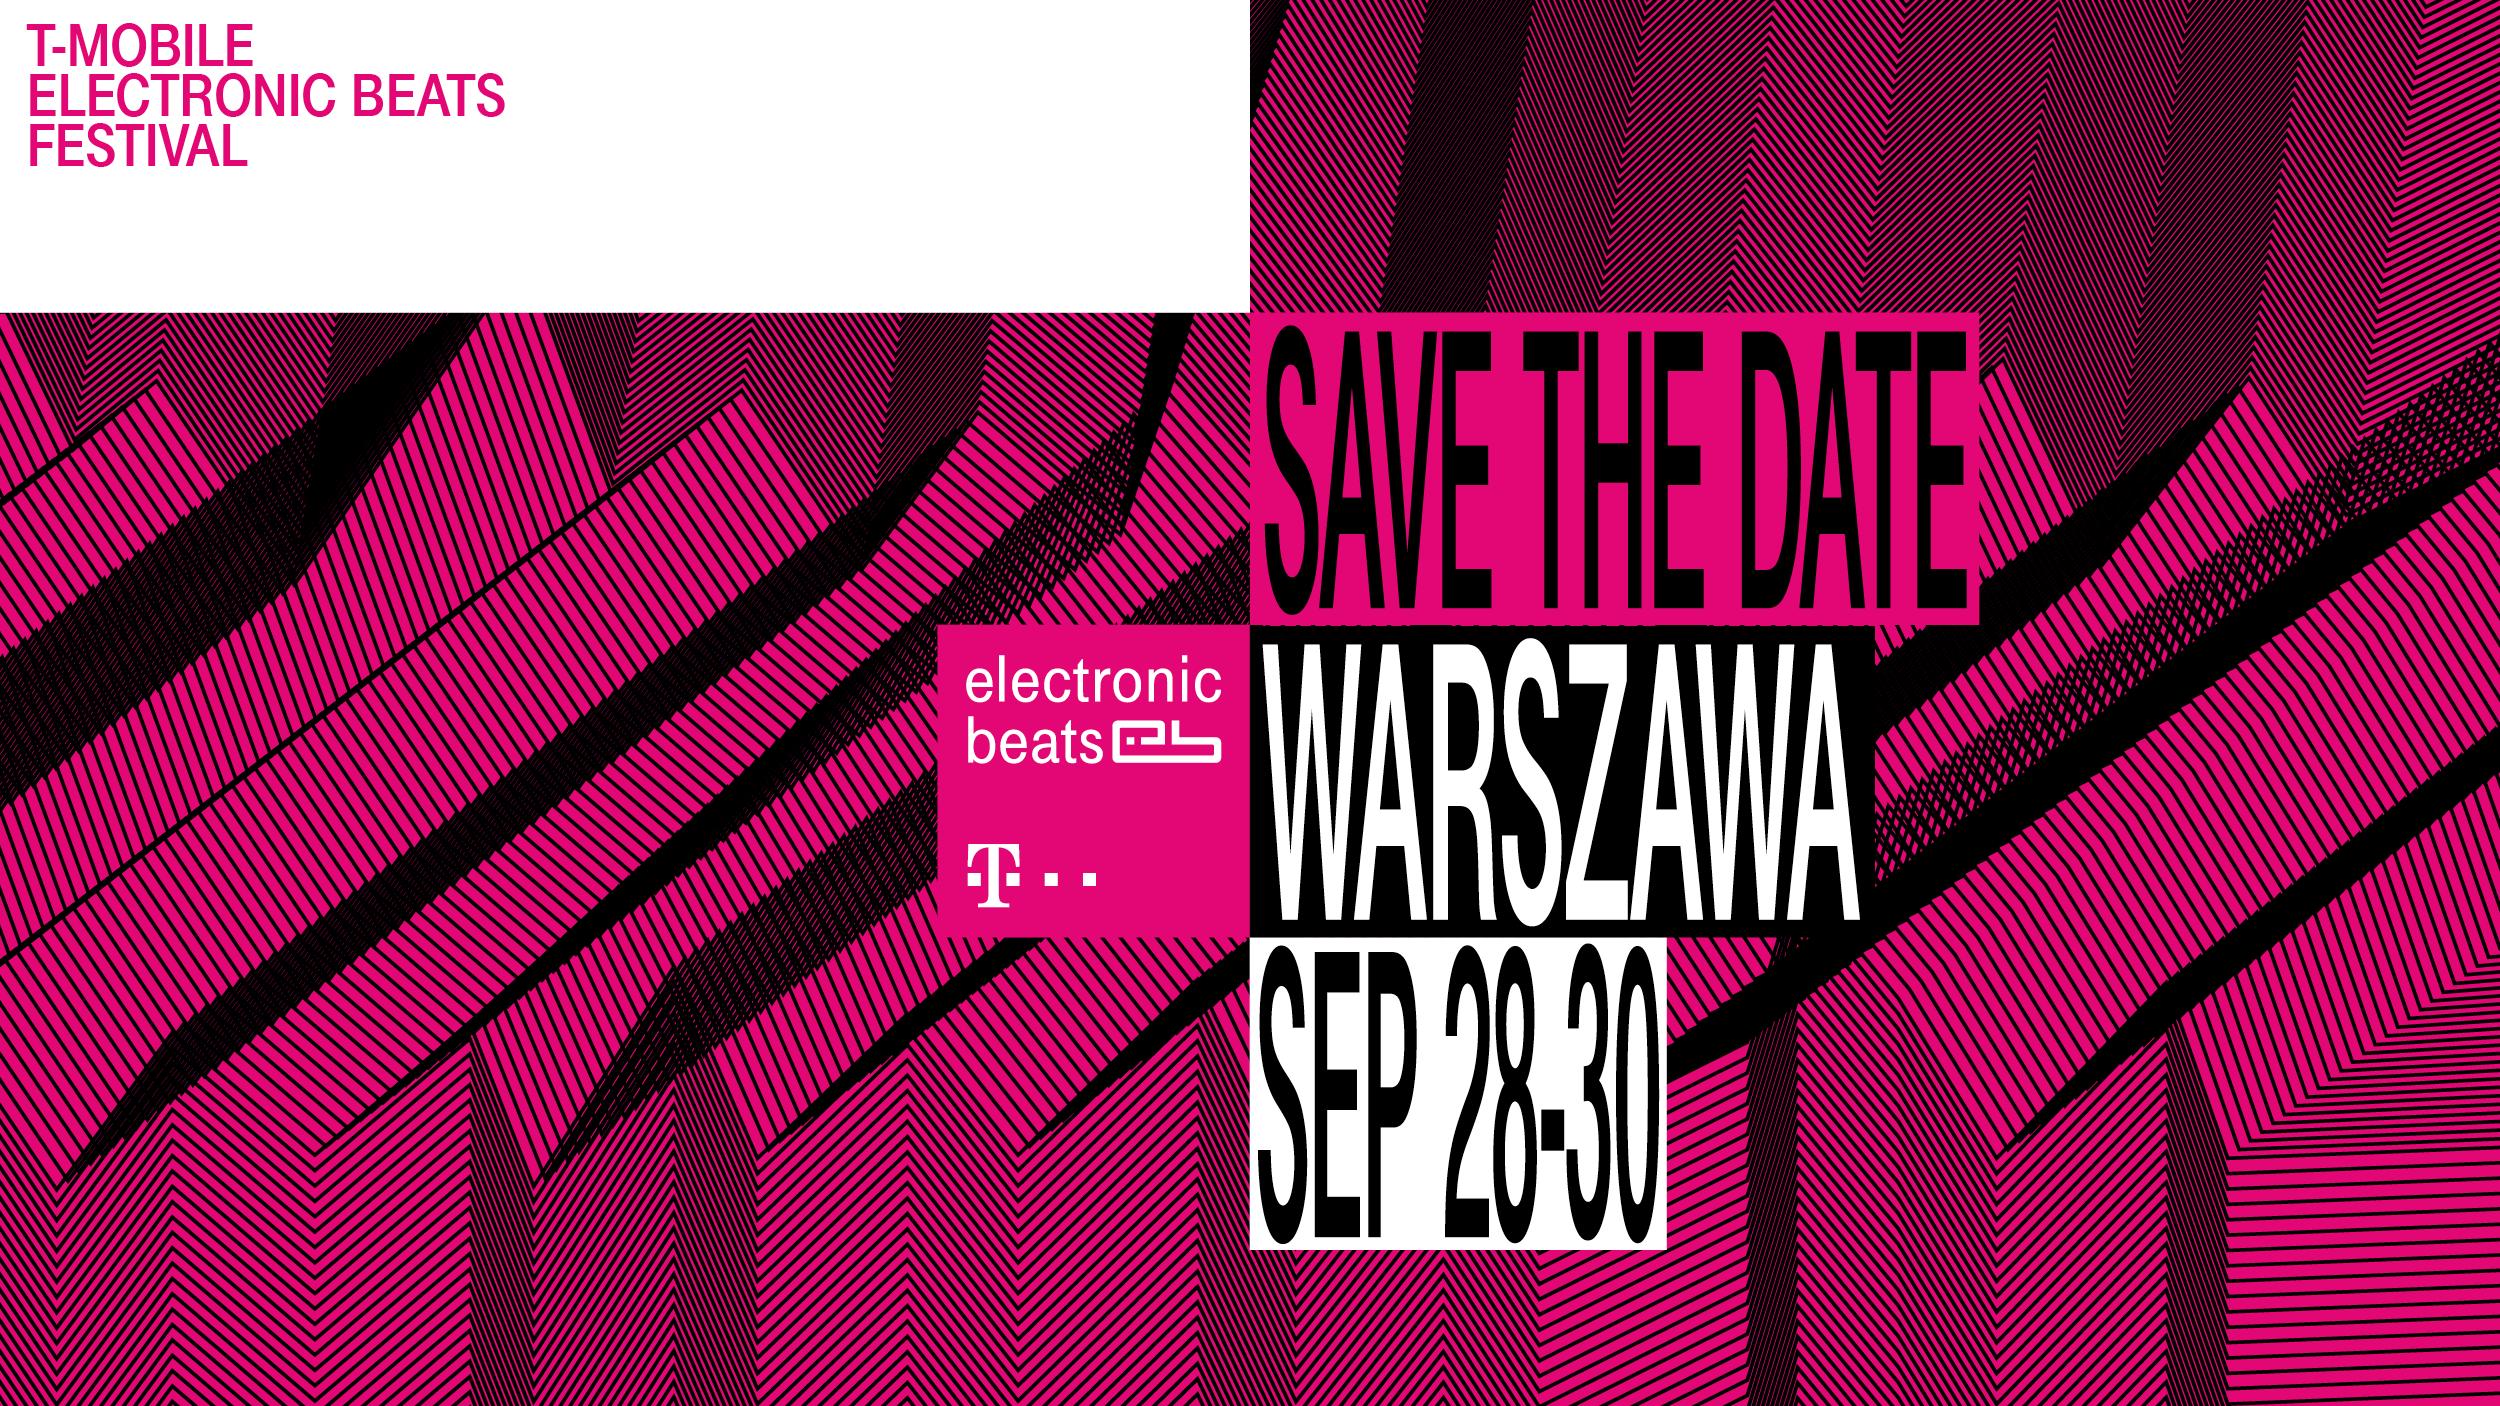 TEB Festival Warszawa